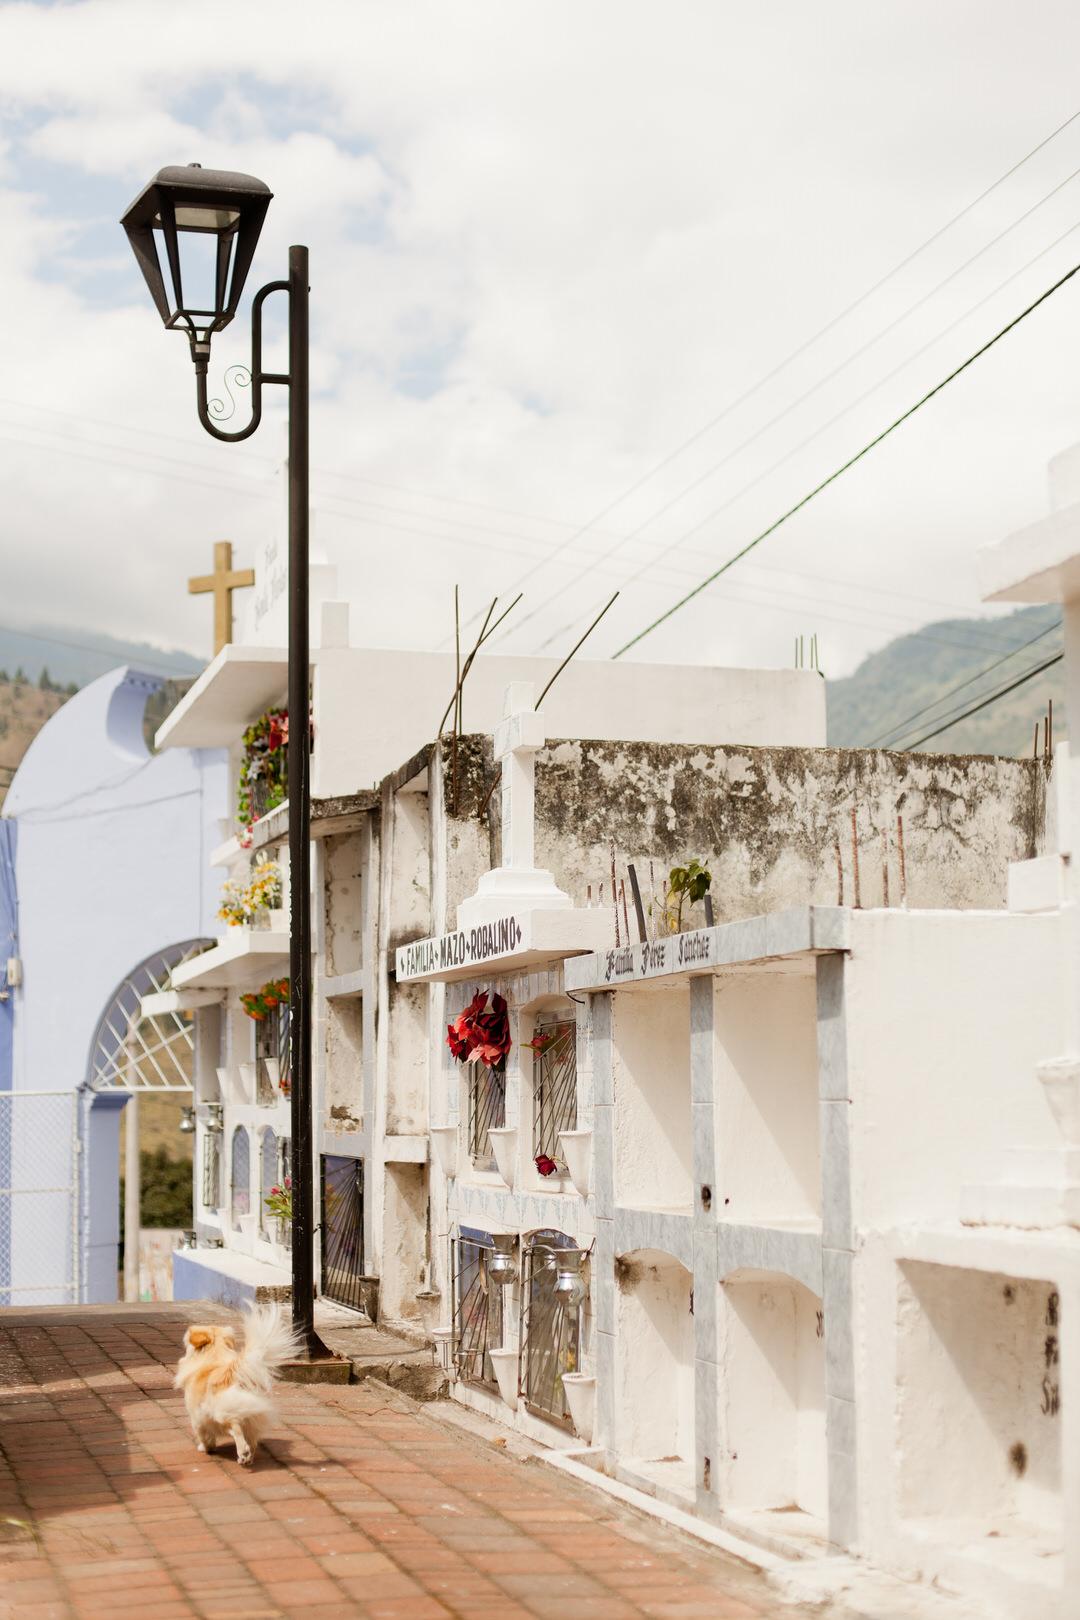 melissa kruse photography - Banos, Ecuador-108.jpg